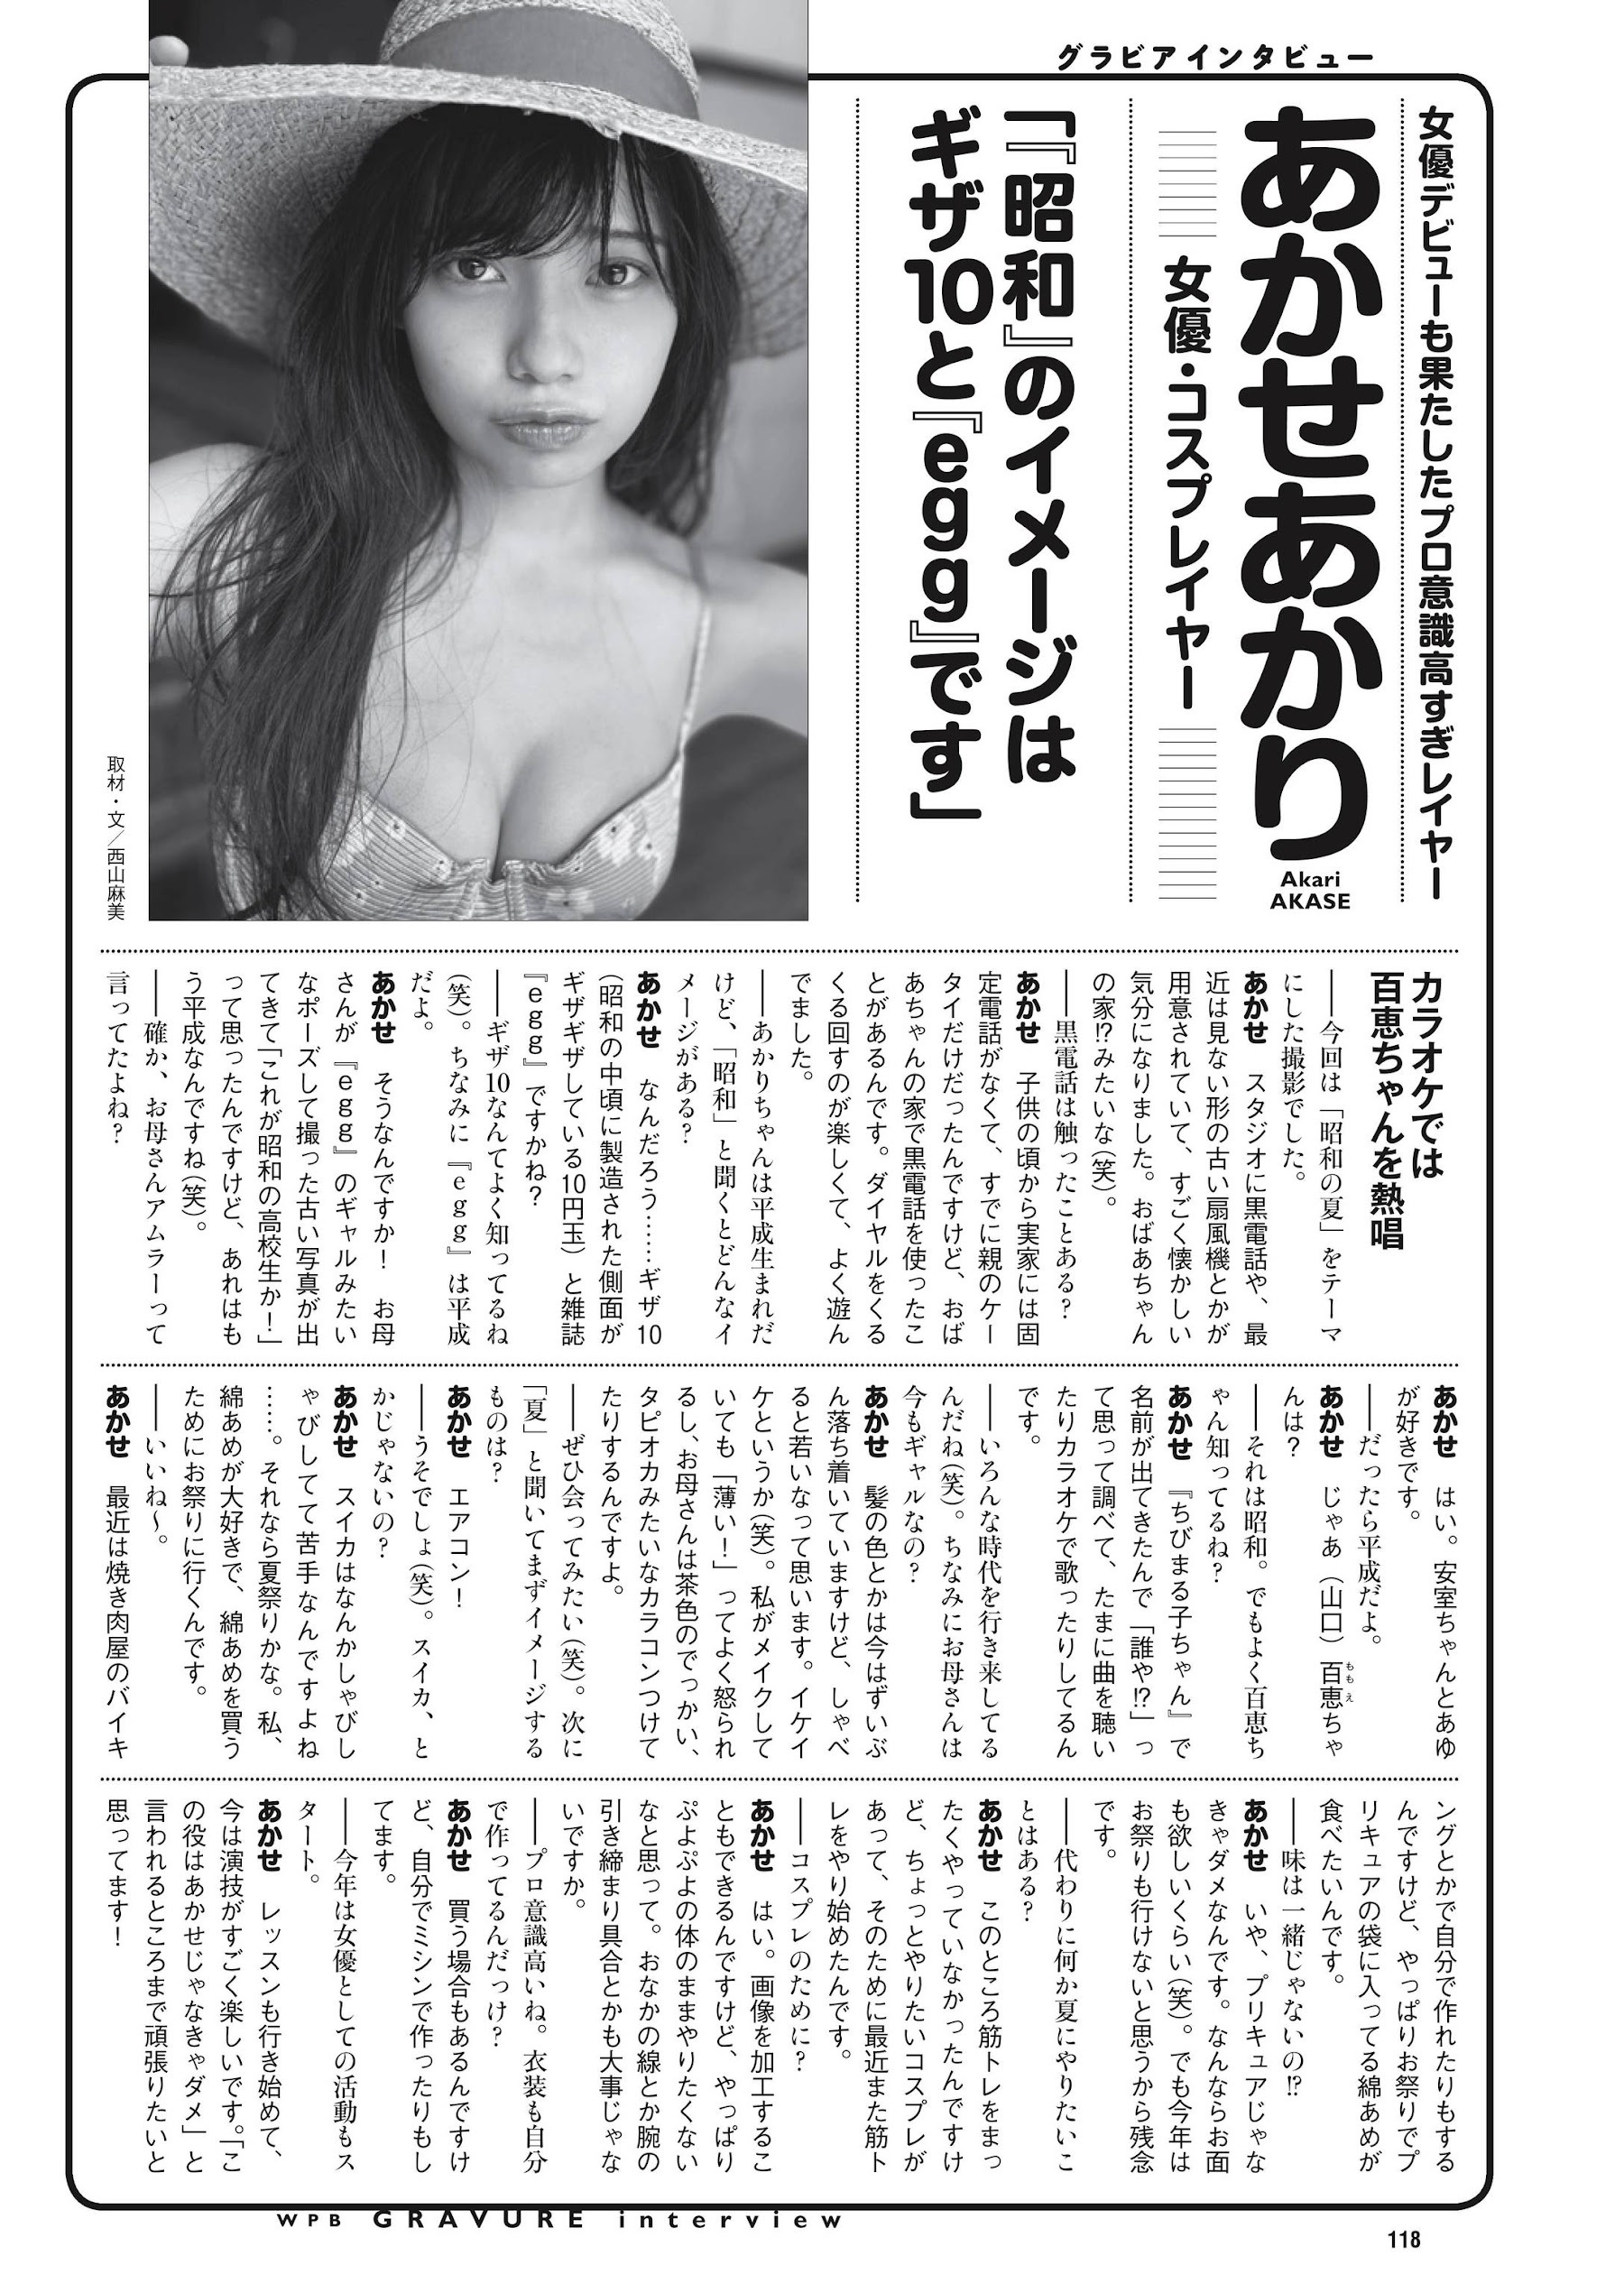 豊田ルナ 頓知気さきな あかせあかり 伊织萌-Weekly Playboy 2021年第三十五期 高清套图 第34张